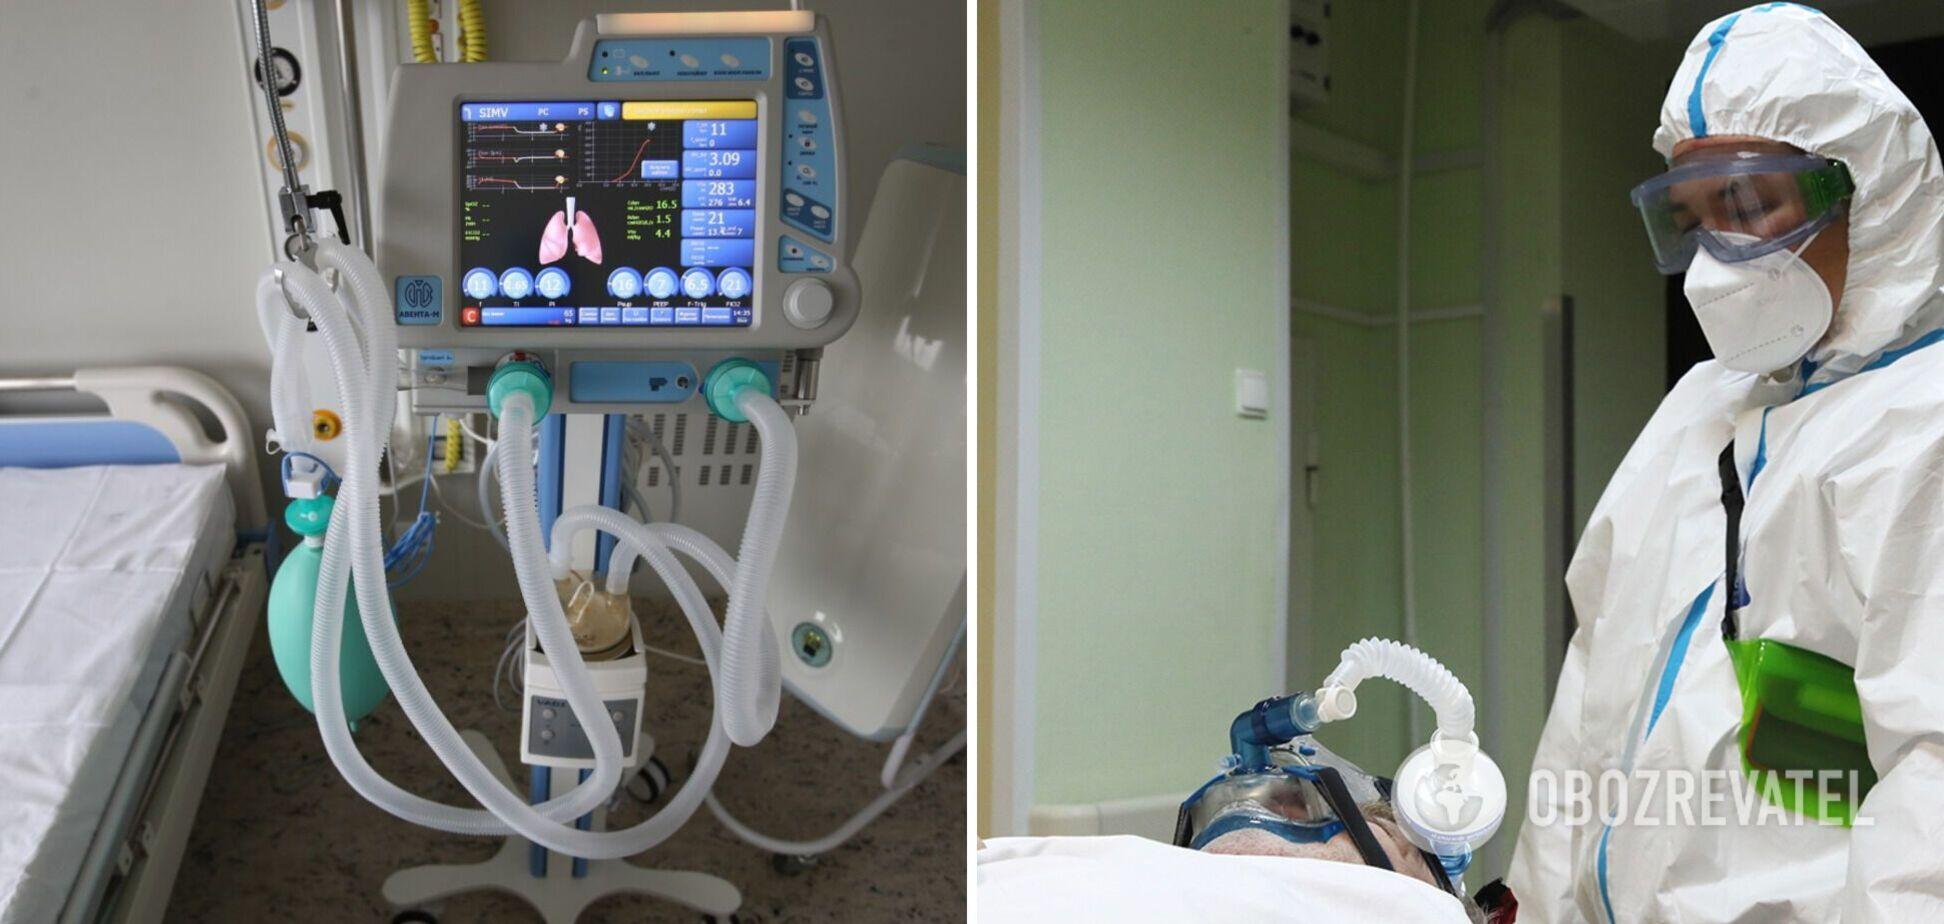 В Україні не вистачає кисню для ковідних лікарень: постачальник оголосив про зупинку виробництва. Документ